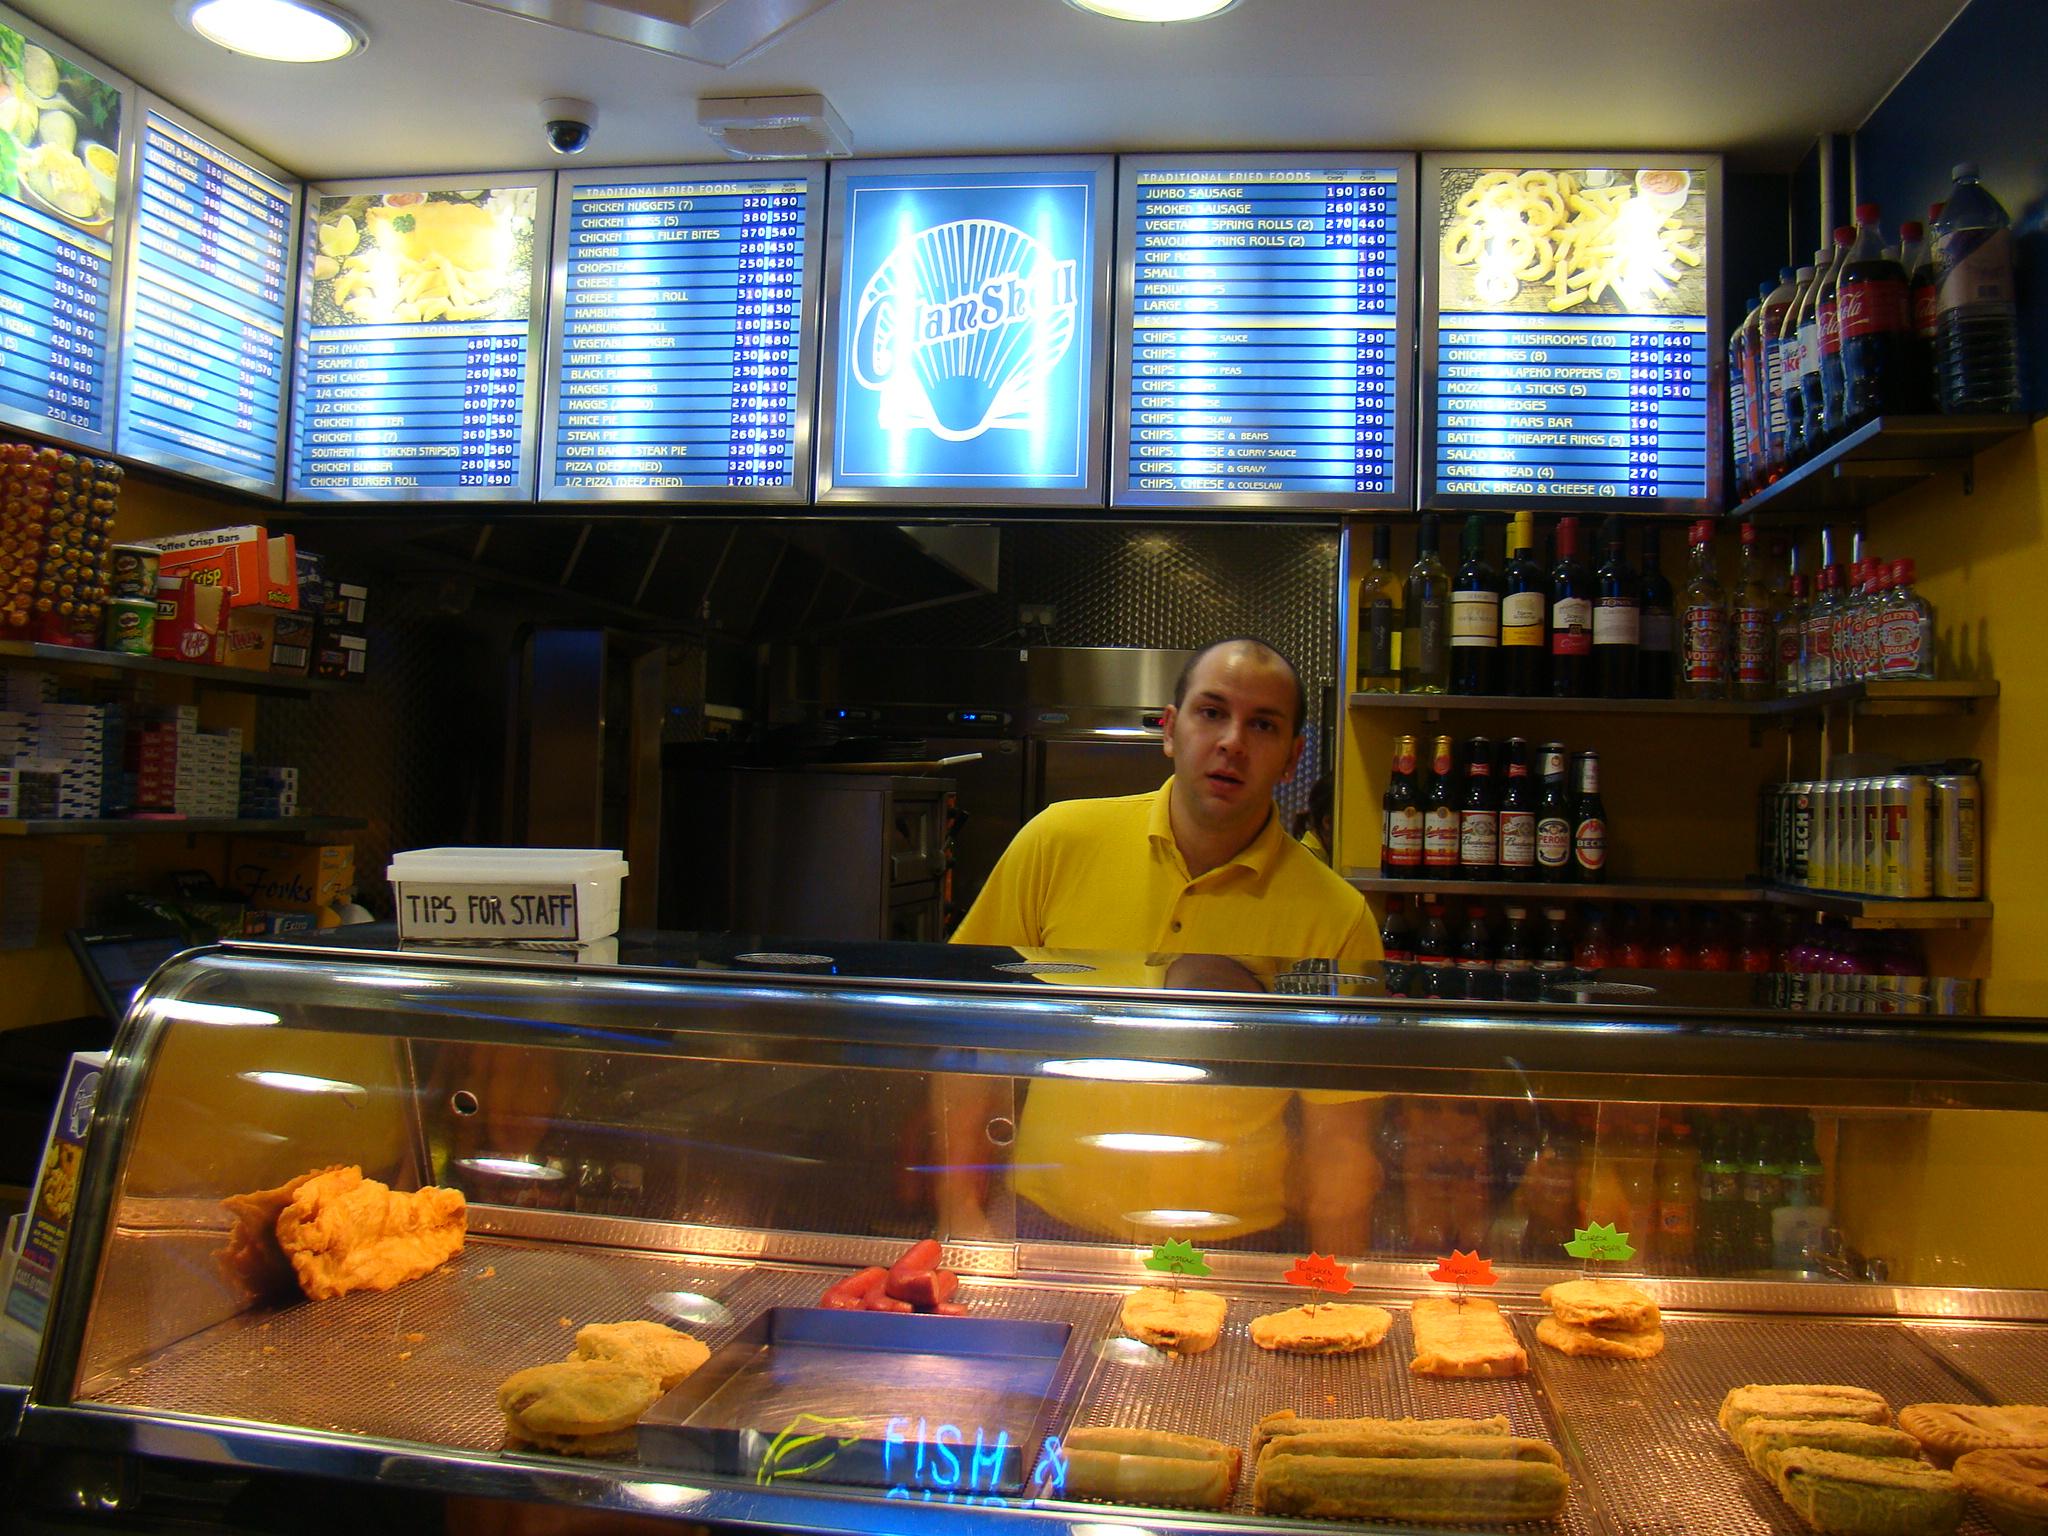 Royal Mile: Fish & Chips